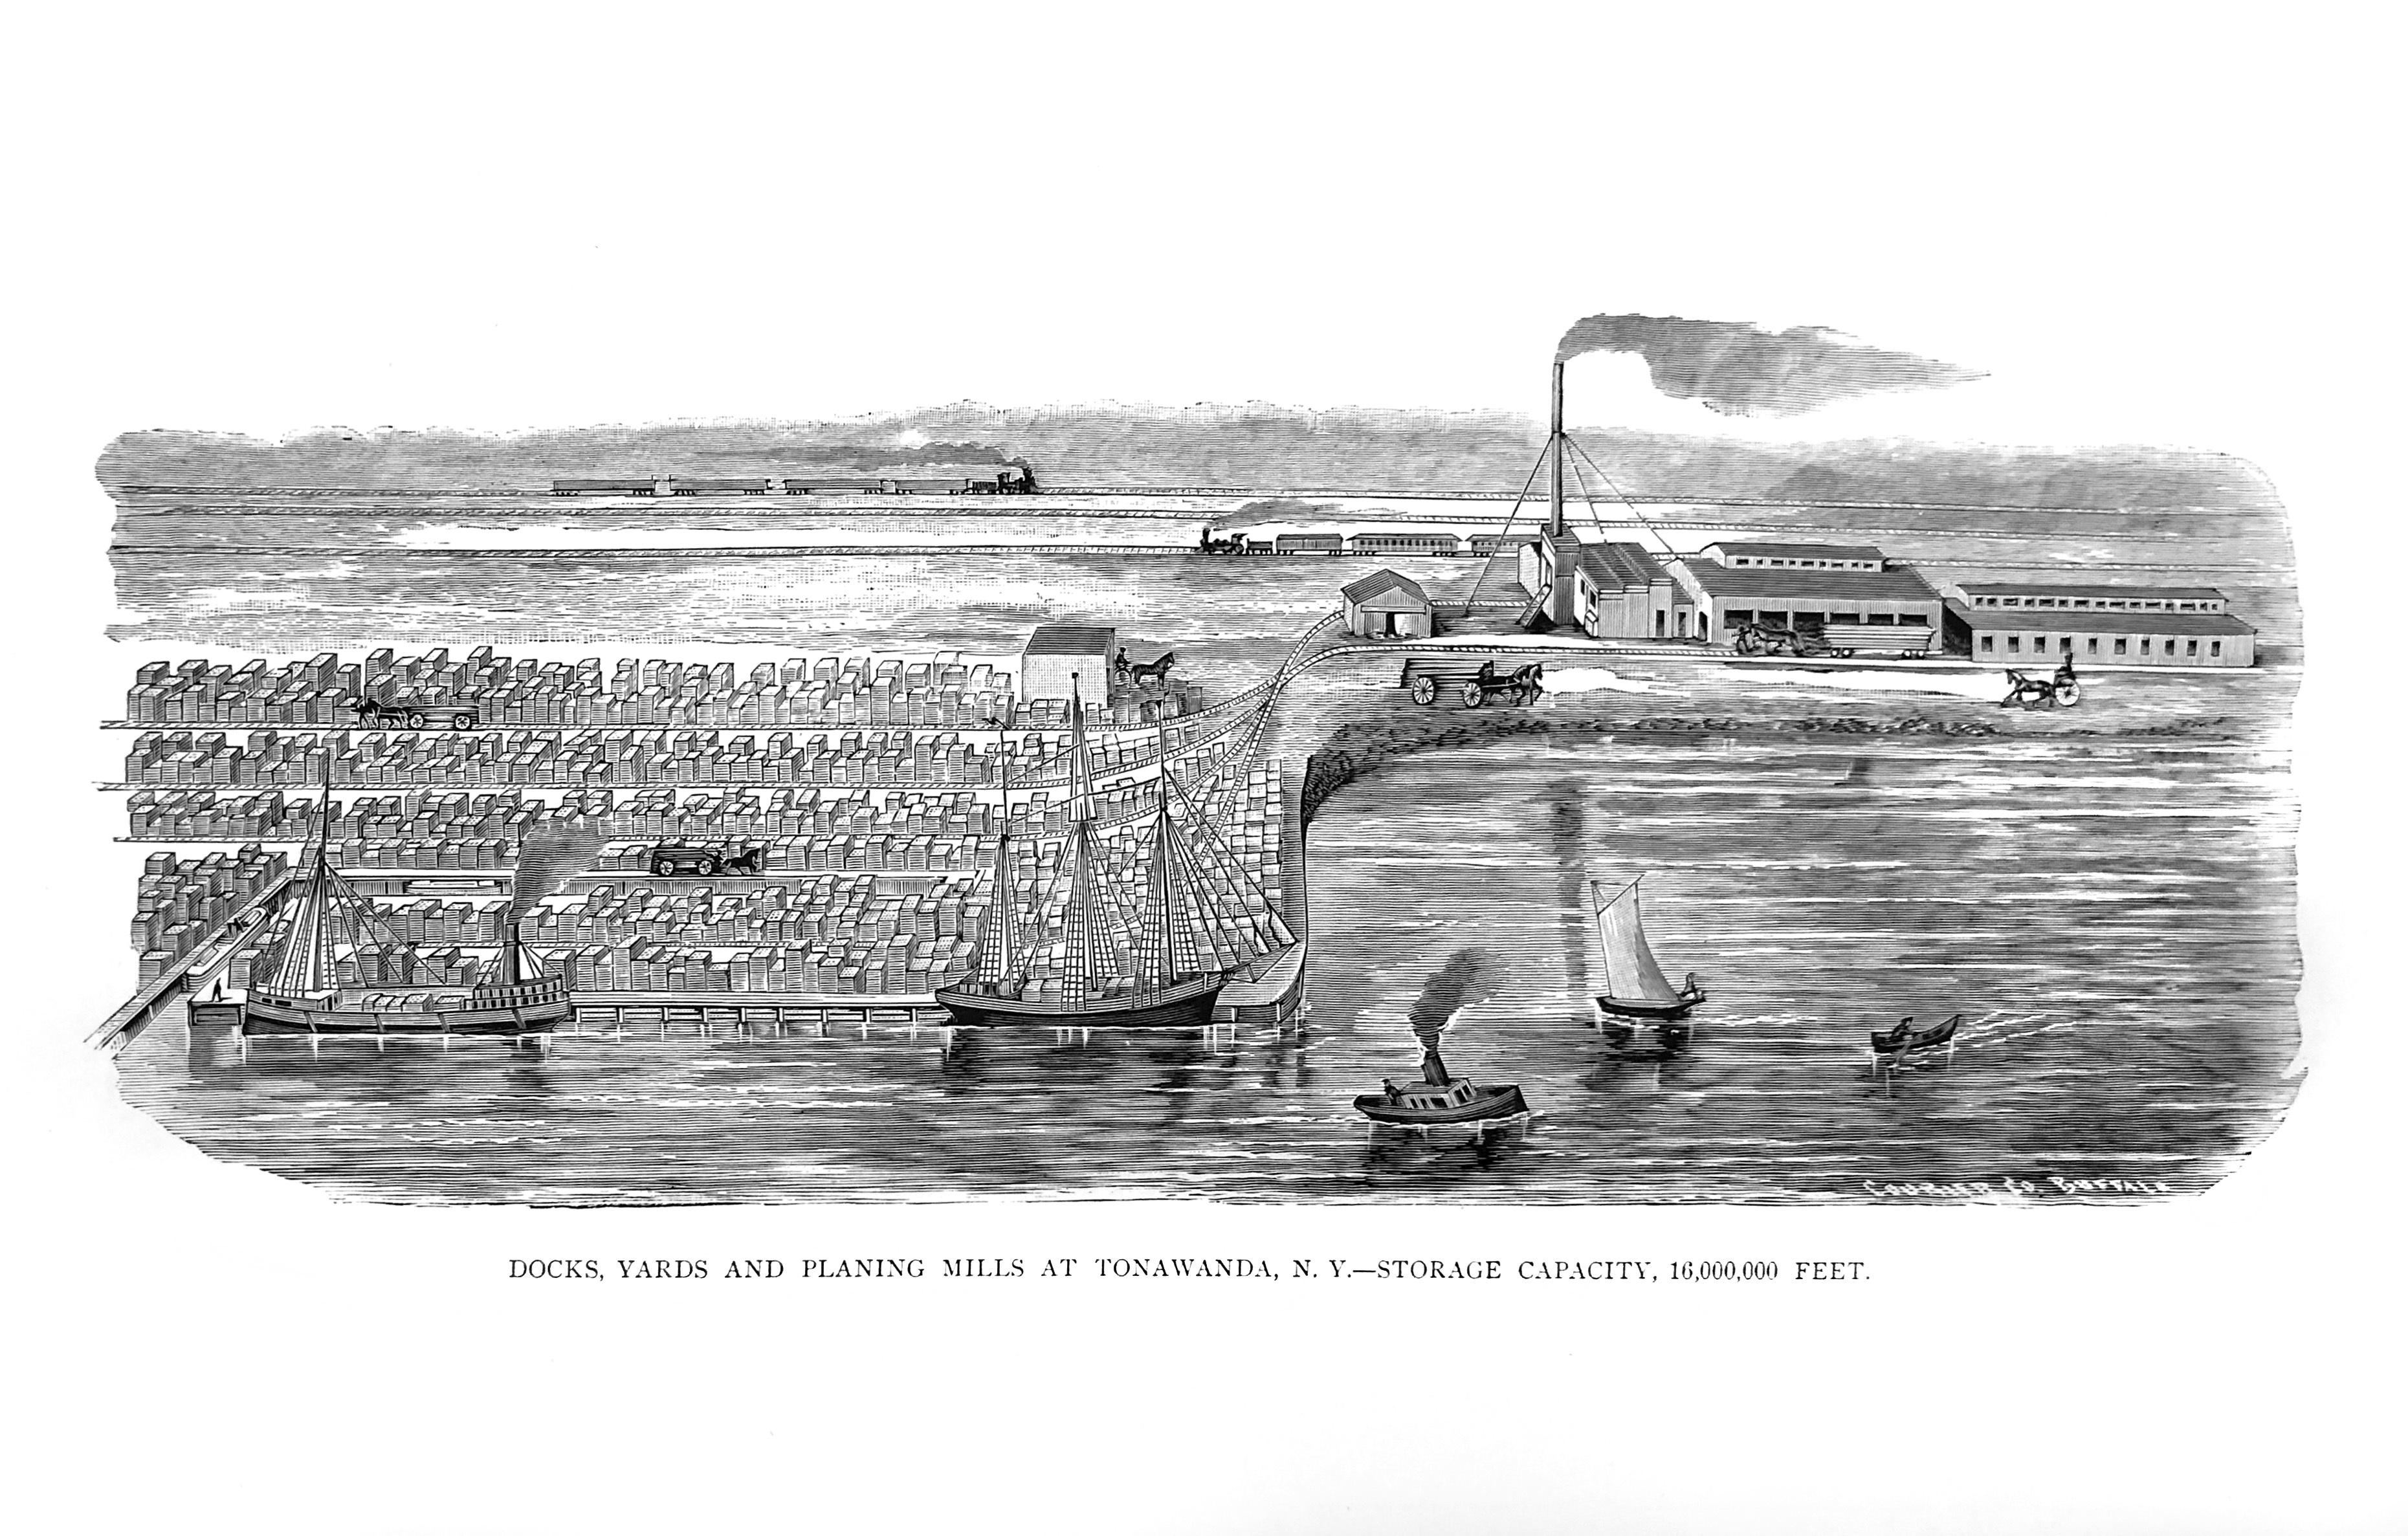 Gratwick docks, yards and planing mills at Tonawanda, illustration (1880).jpg